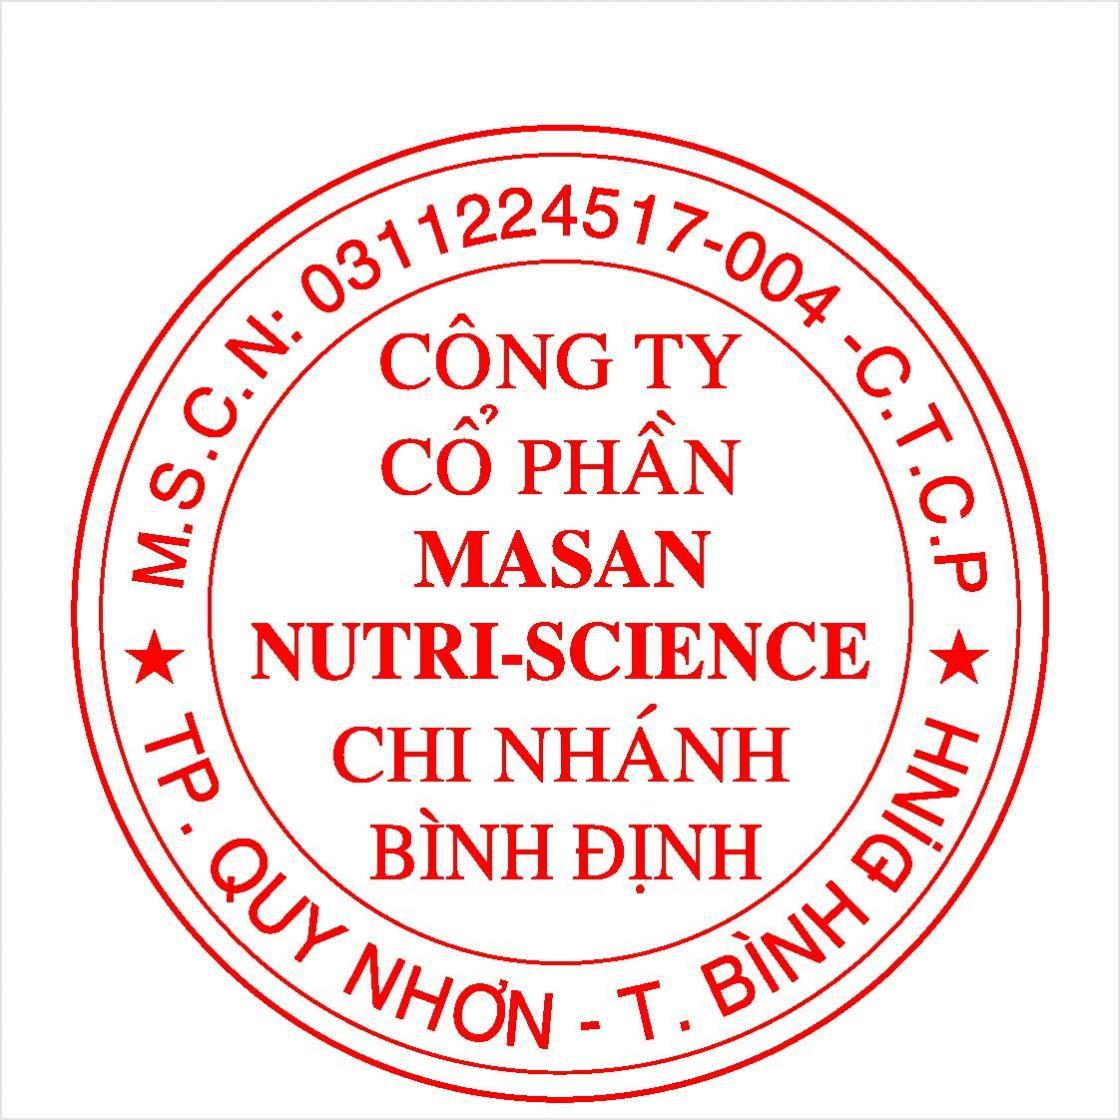 khac-con-dau-tron-cong-ty-co-phan